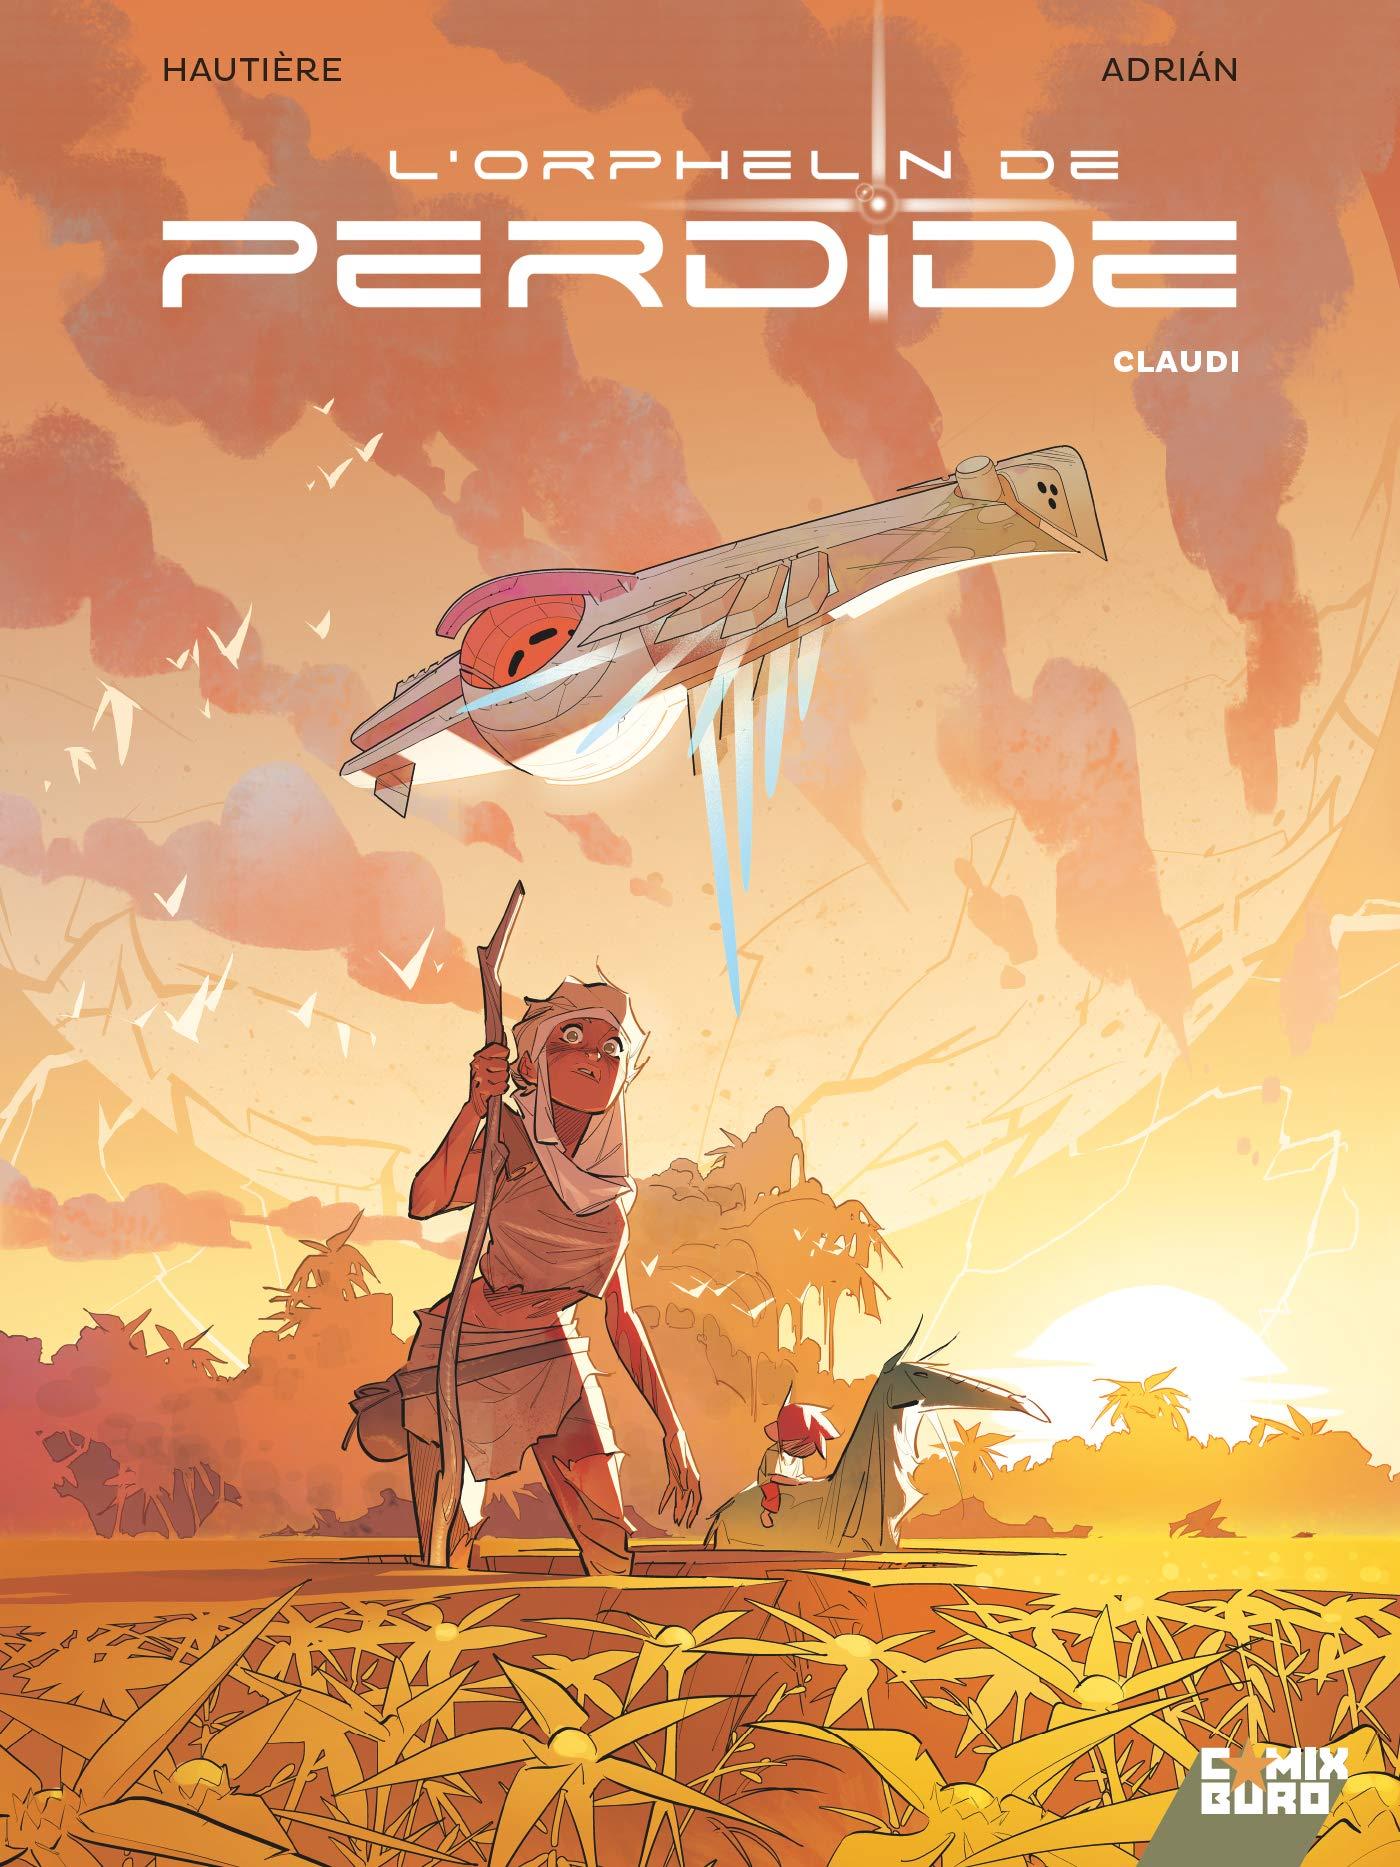 L'orphelin de Perdide 1 - Claudi